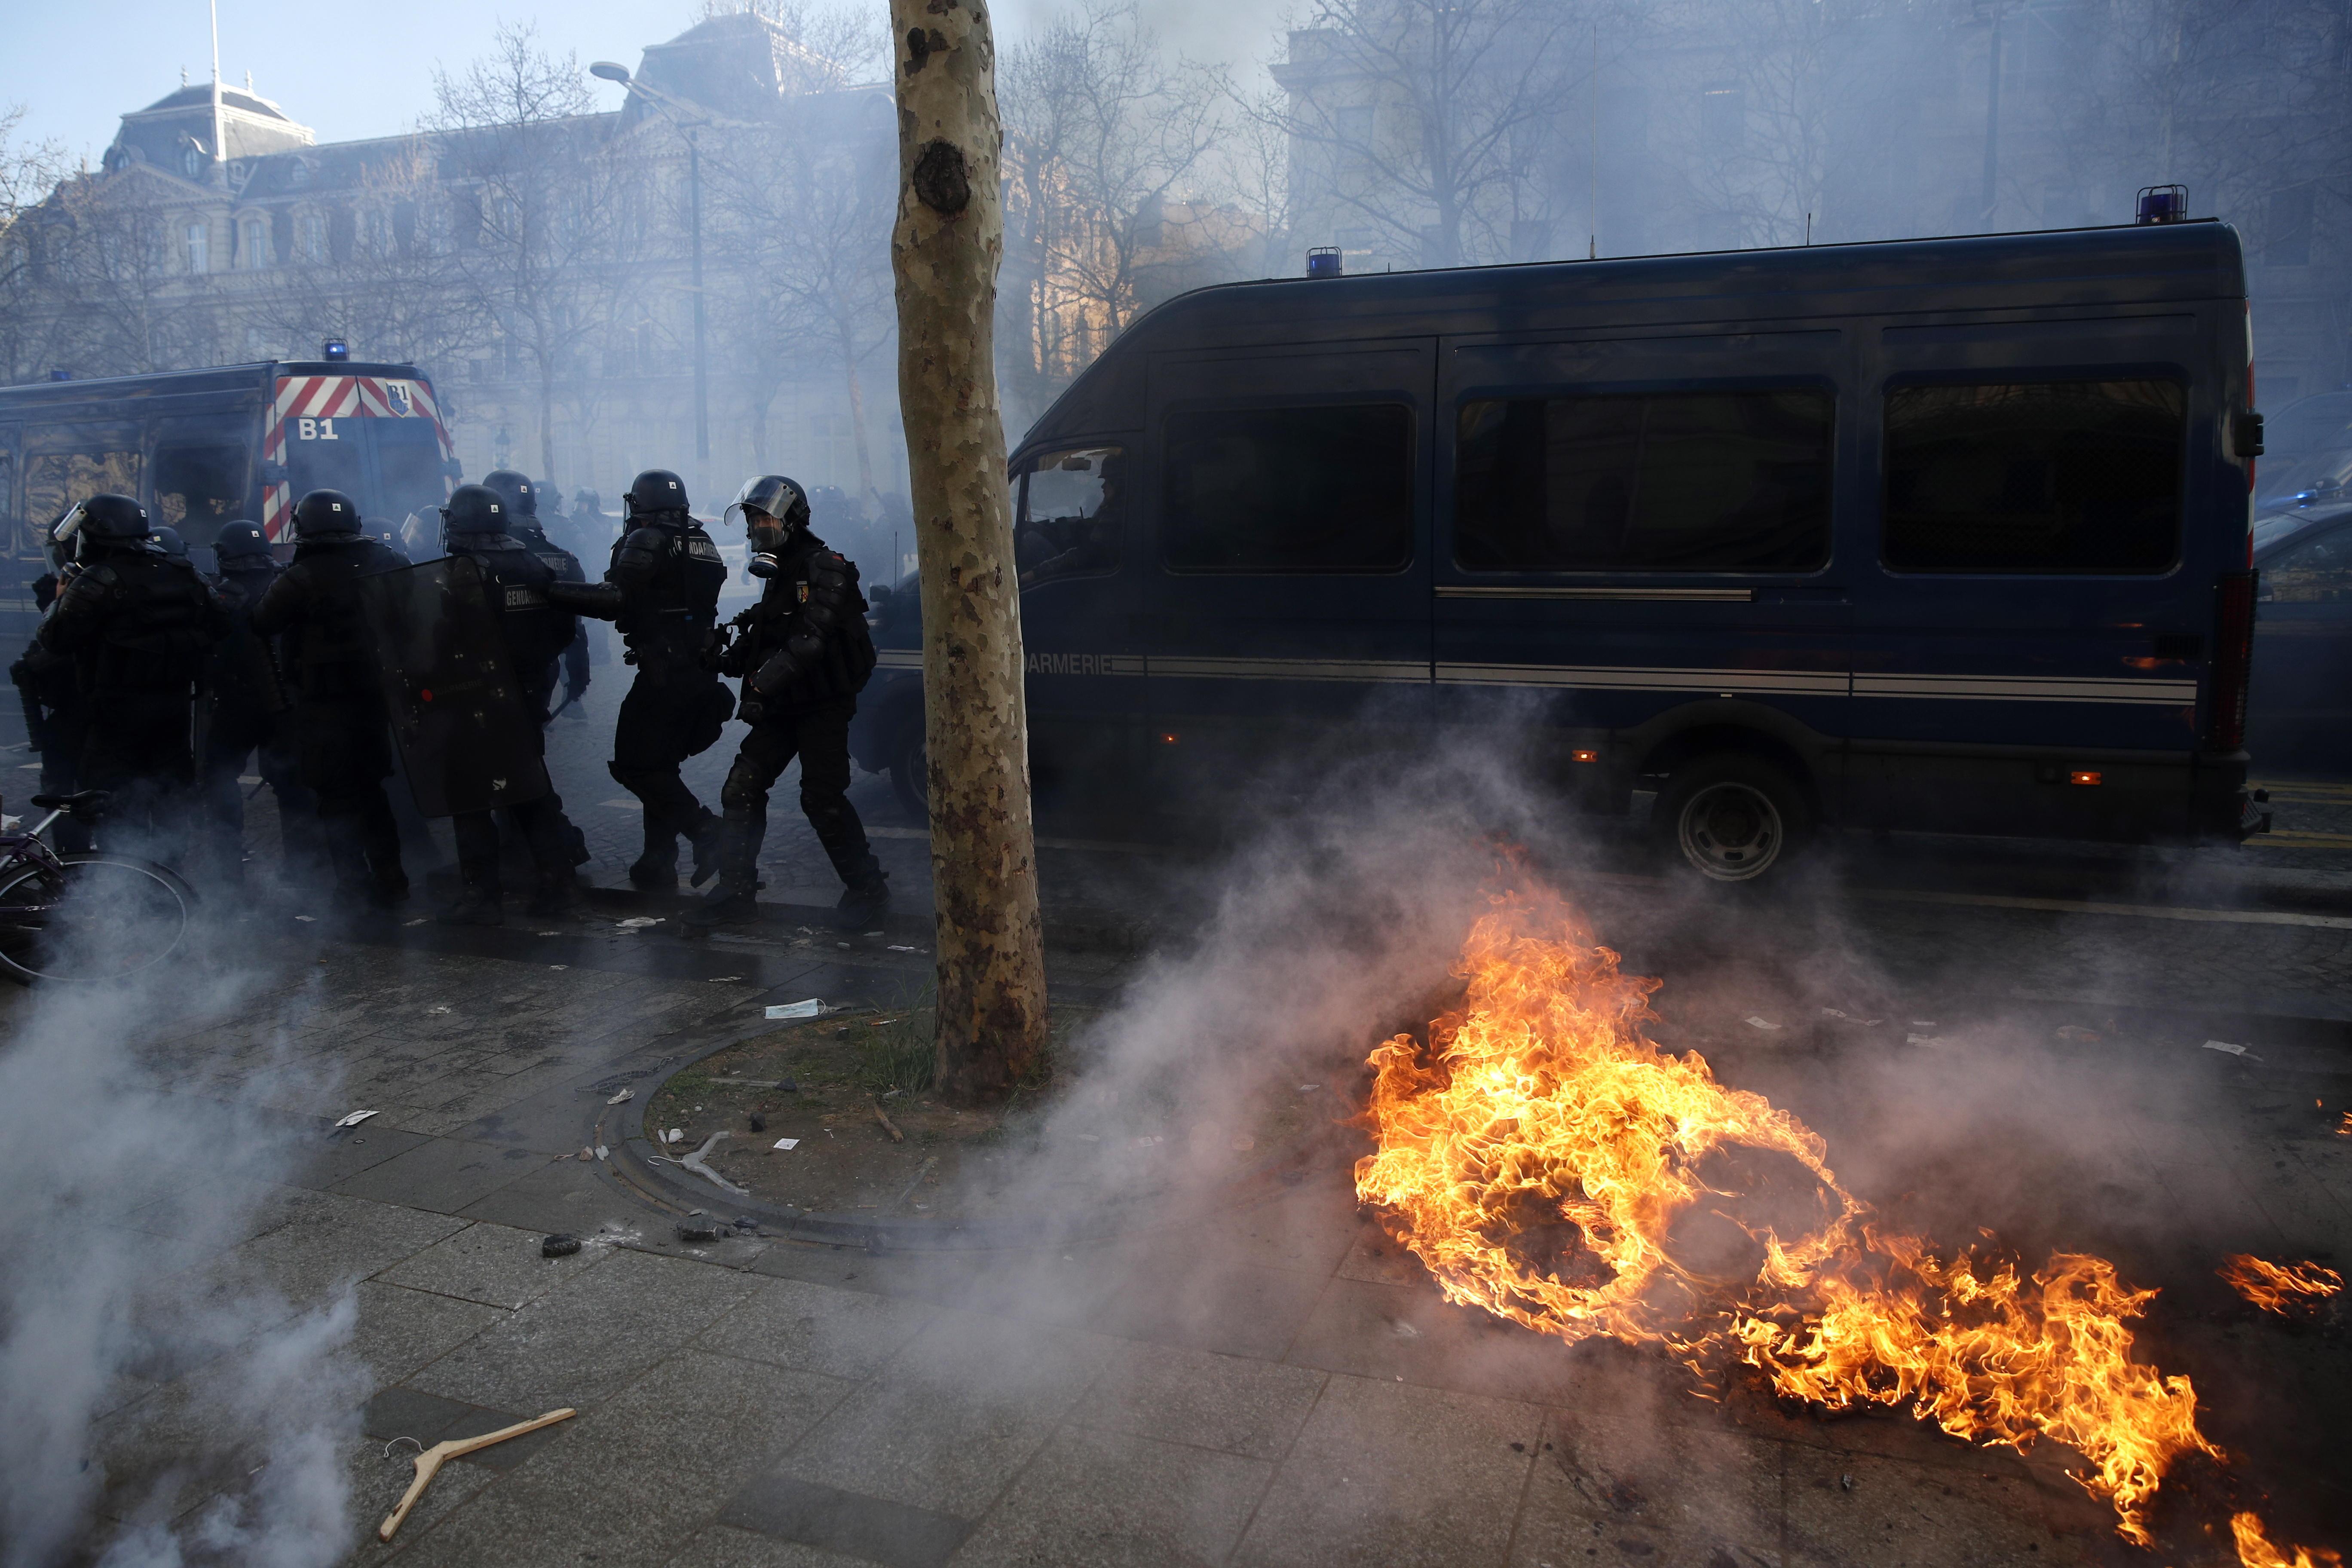 La policía antidisturbios corre en los Campos Elíseos cerca de un incendio durante la manifestación en Francia. Foto Prensa Libre: EFE